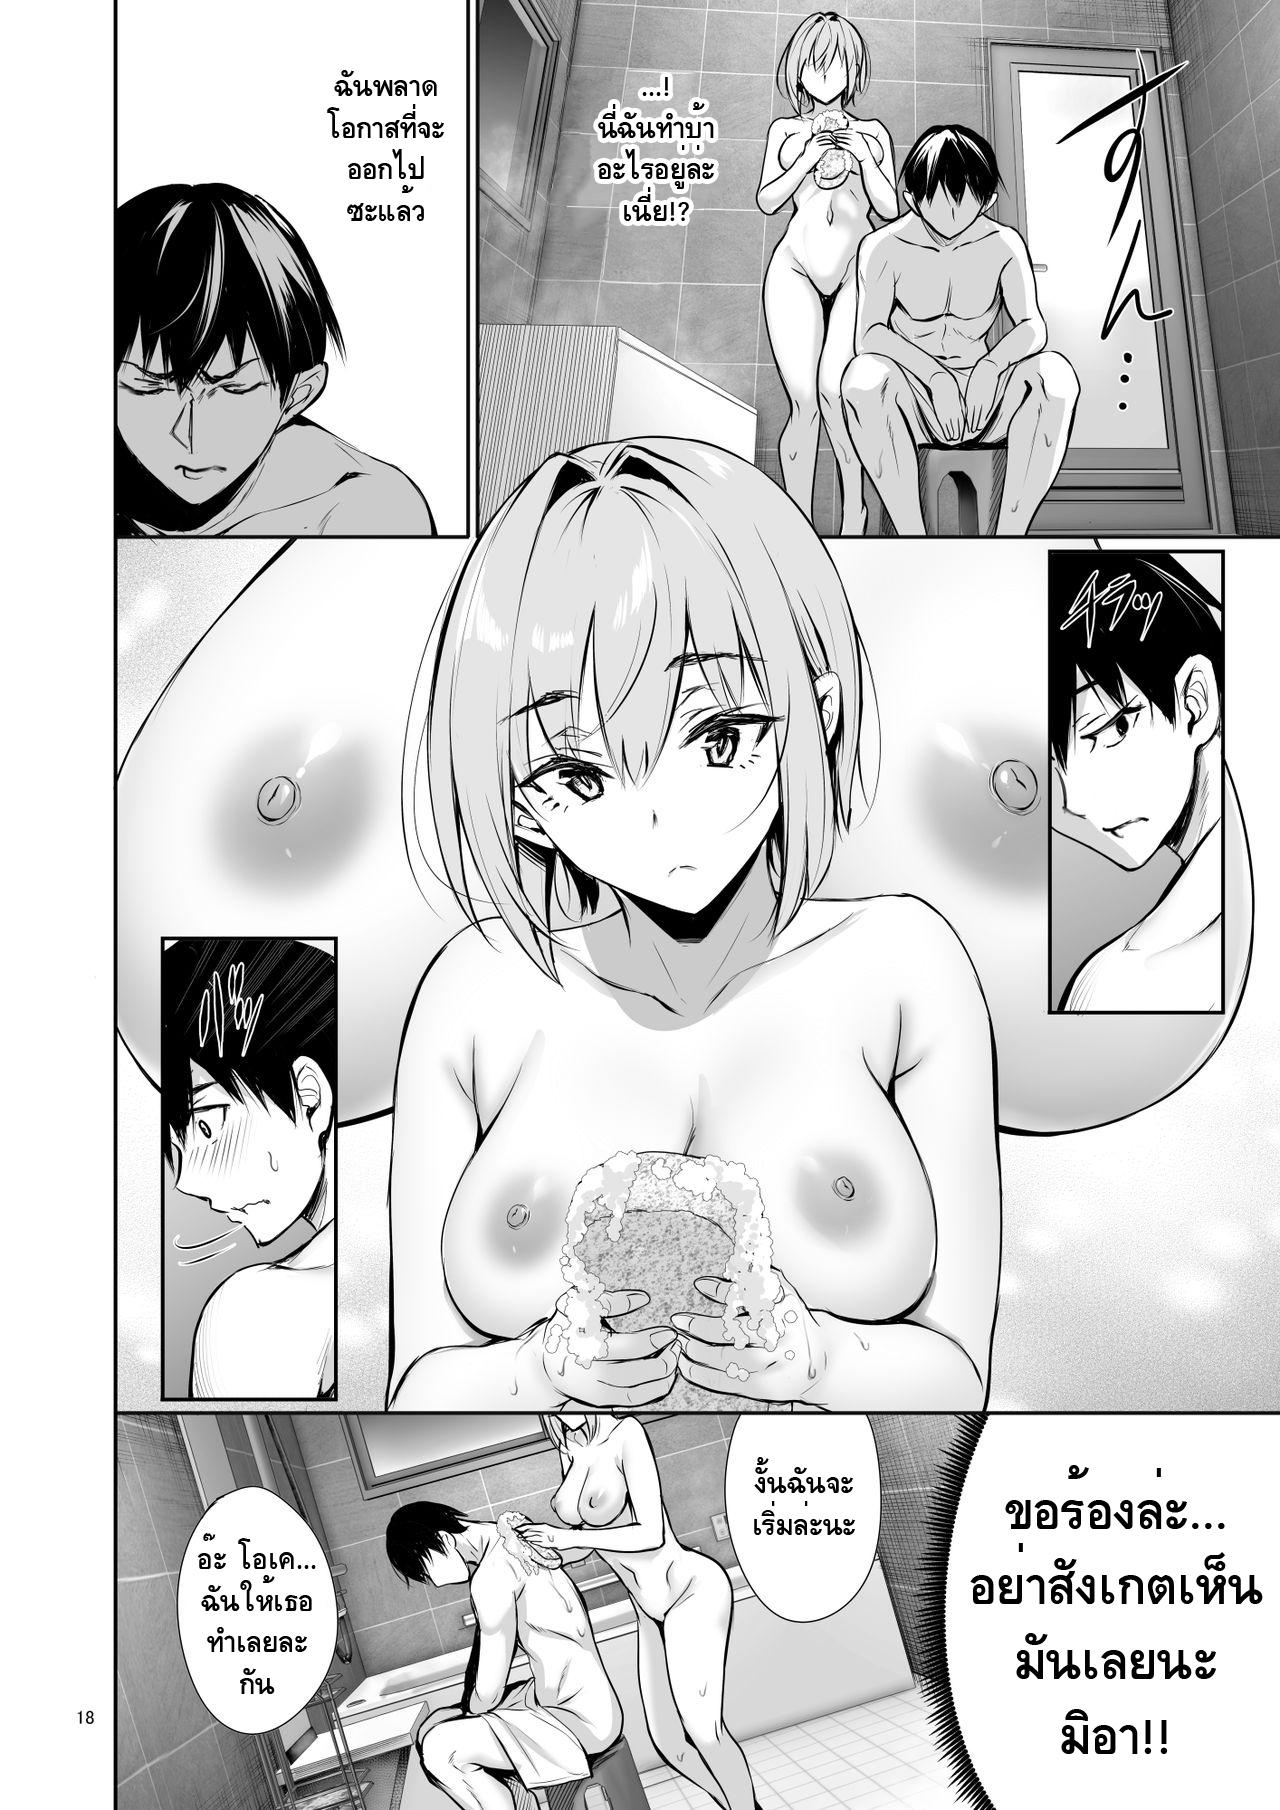 เหตุผลที่ว่าทำไมผู้หญิงคนนี้ถึงได้เข้ามาอาบน้ำกับฉัน ภาพ 16